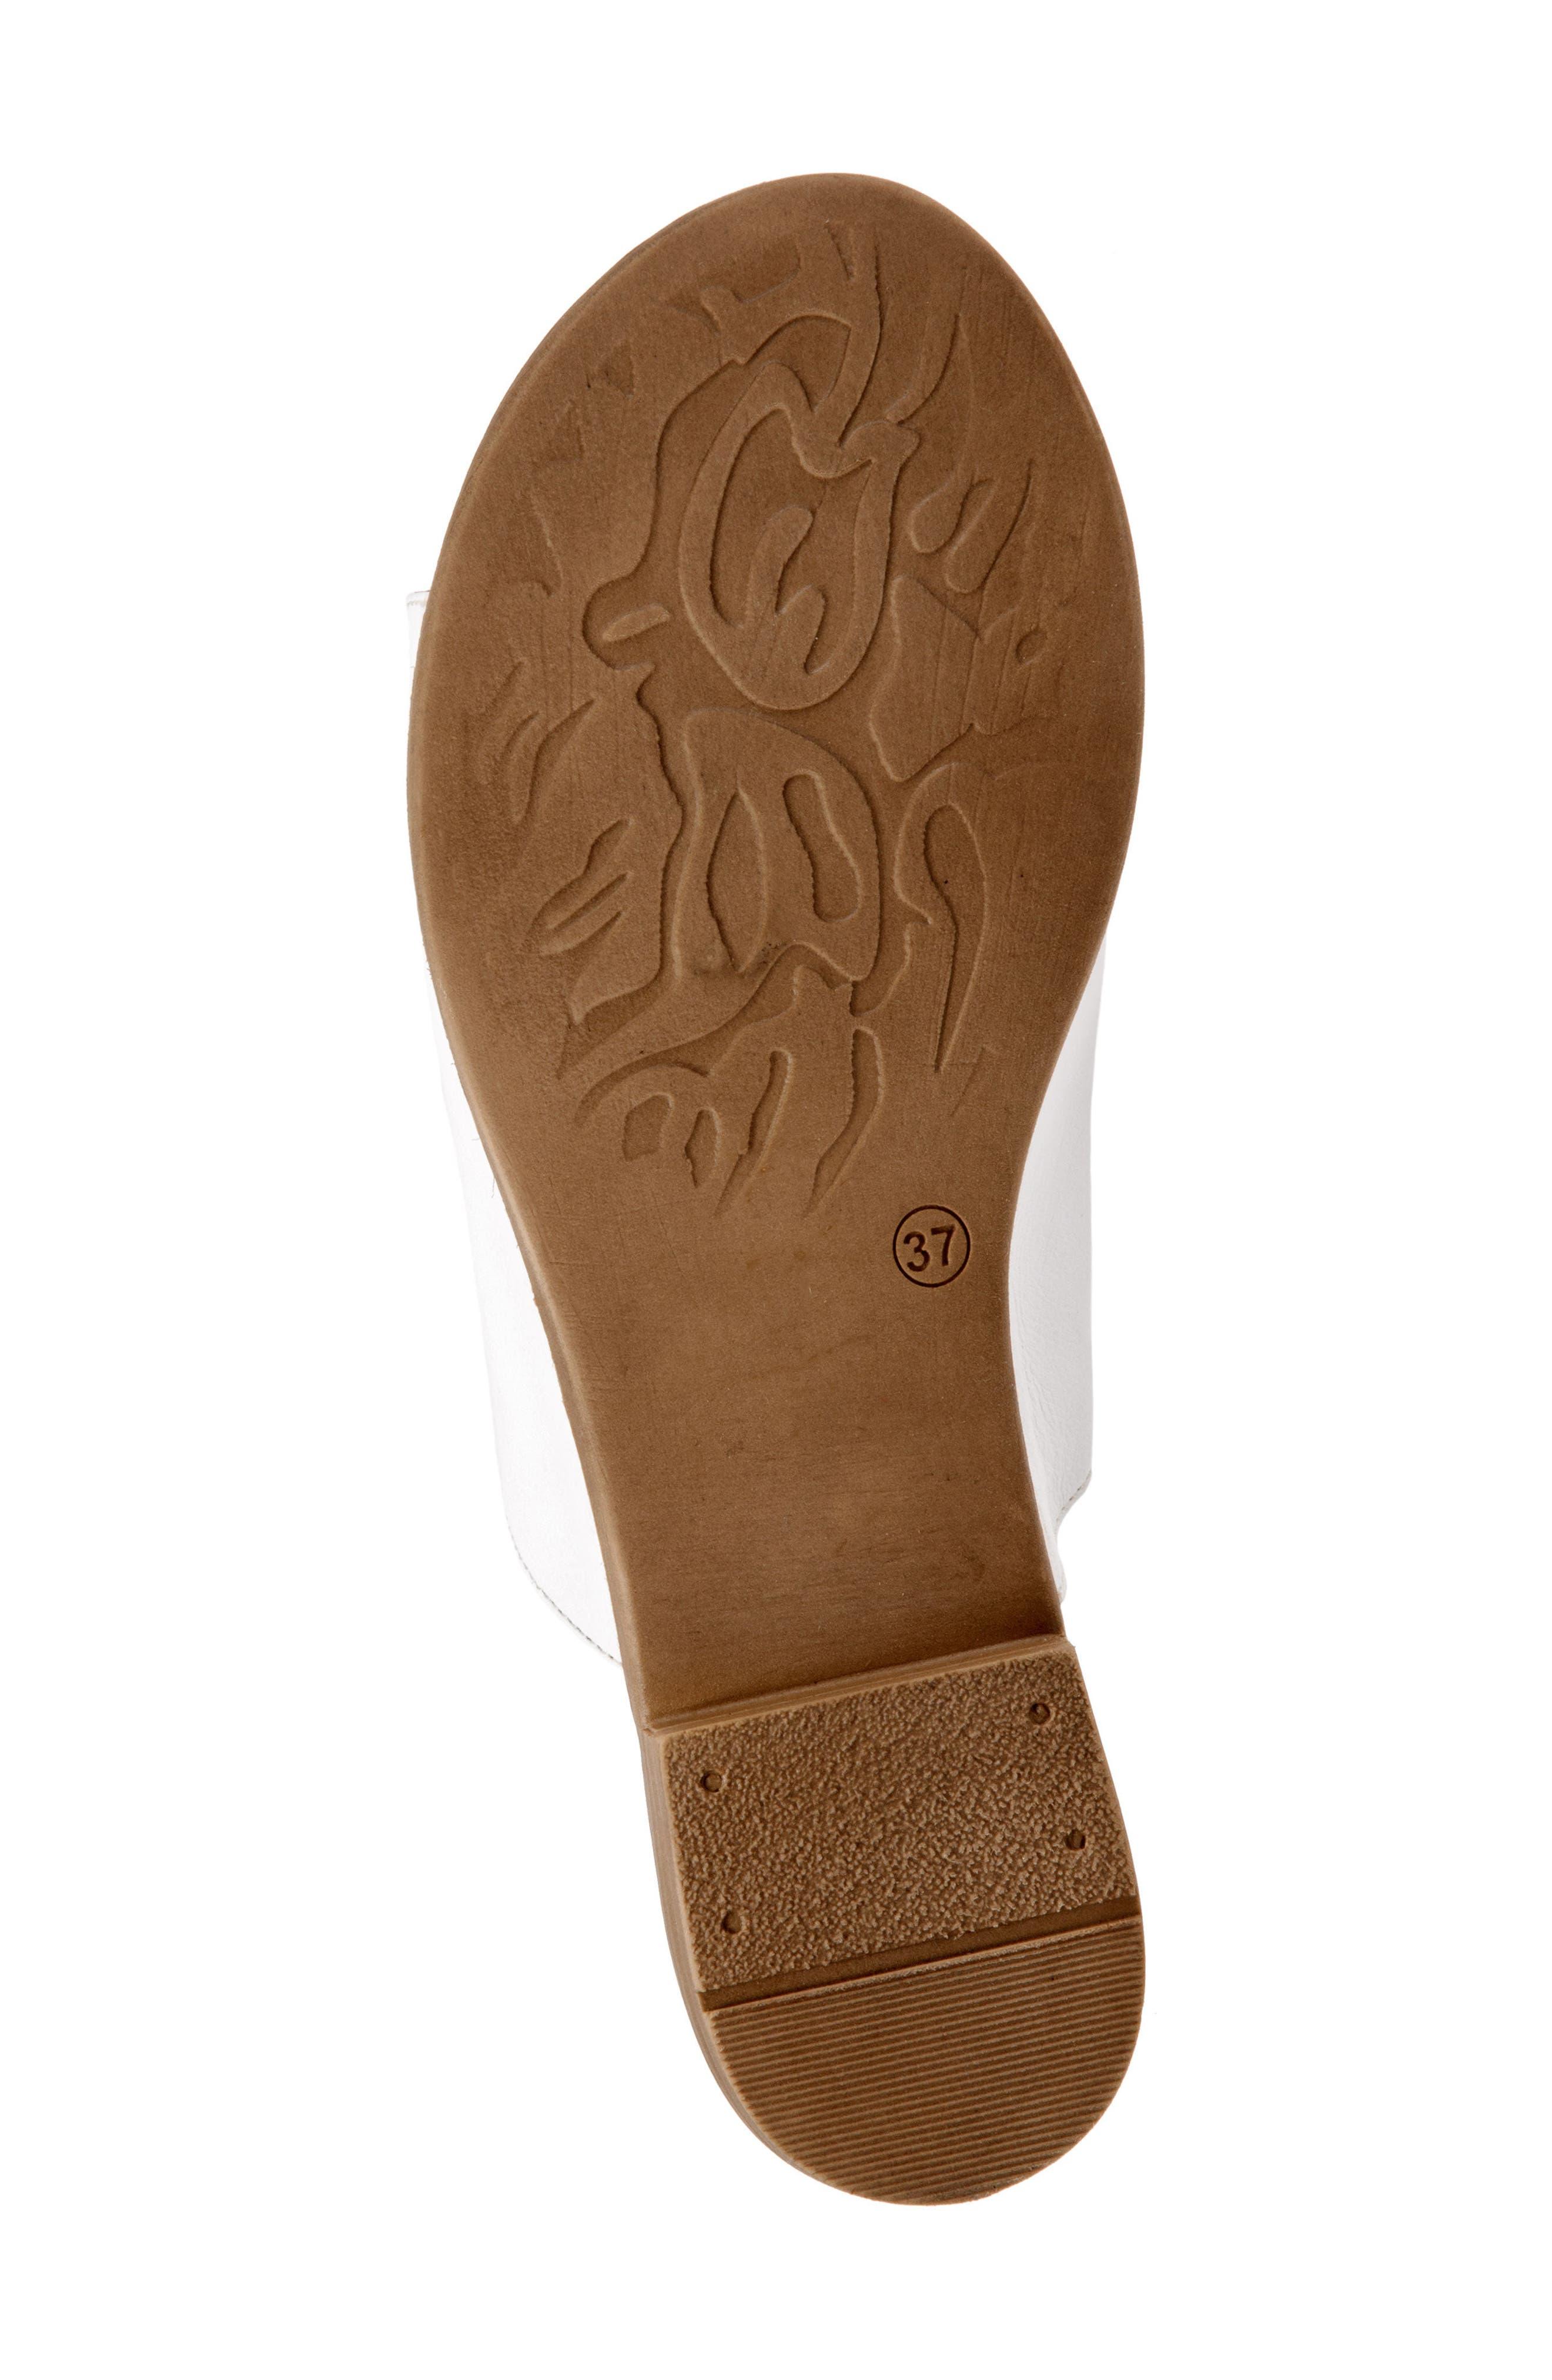 Jory Slide Sandal,                             Alternate thumbnail 6, color,                             White Leather